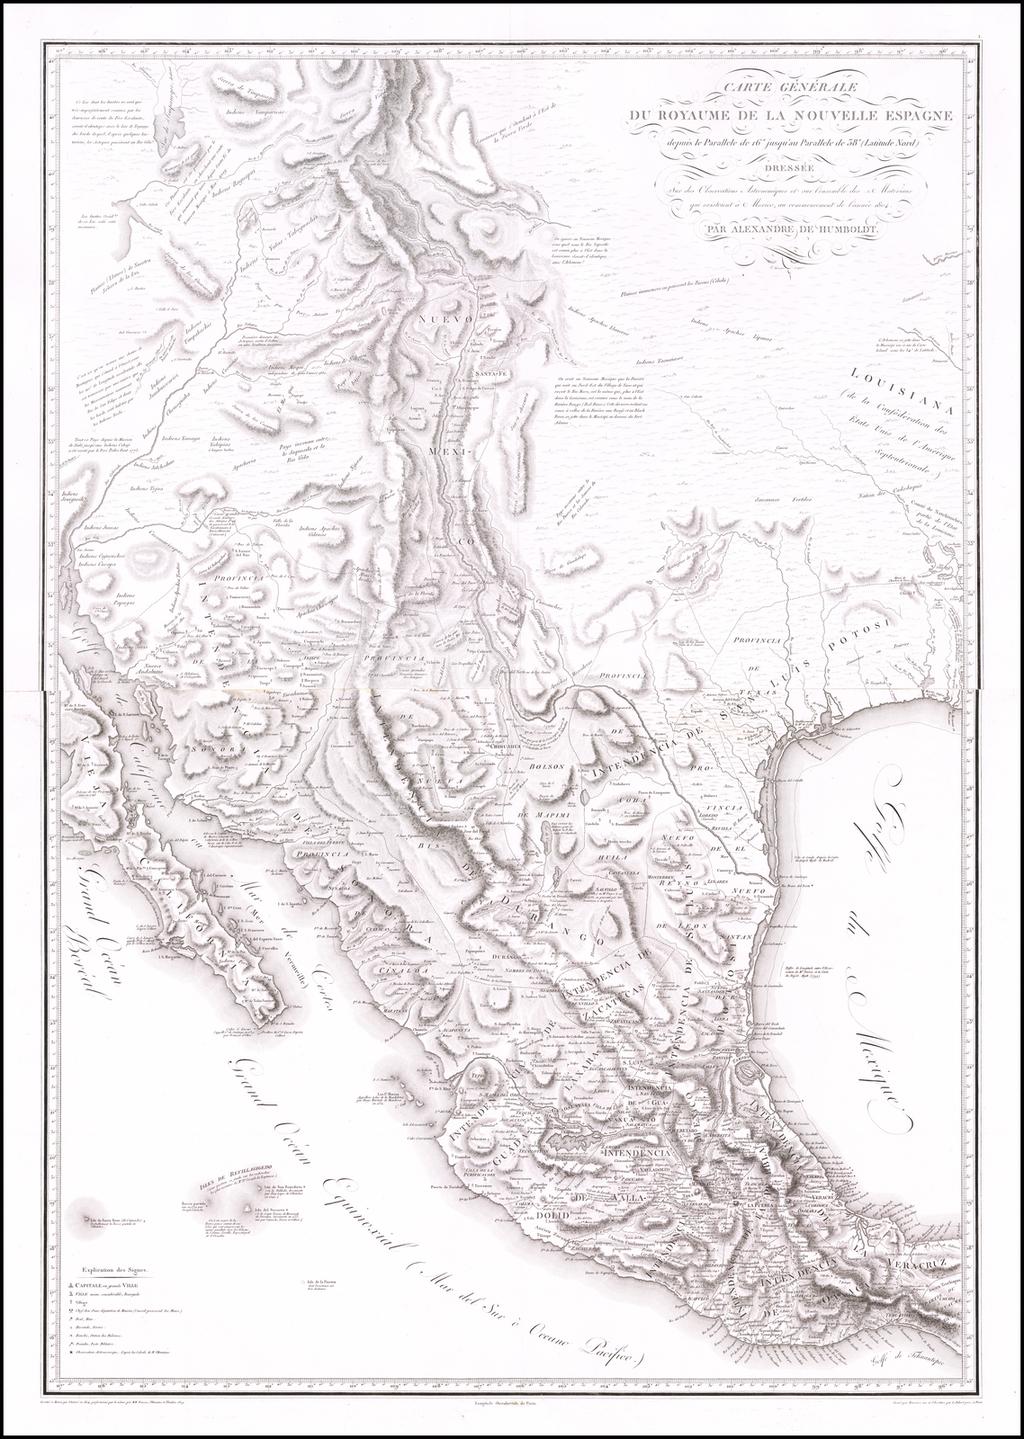 Carte Generale du Royaume de la Nouvelle Espagne depuis le Parallele de 16o jusqua'au Parallele de 58o (Latitude Nord) Dressee sur des observations . . . commencement de l'annee 1804 . . . By Alexander Von Humboldt